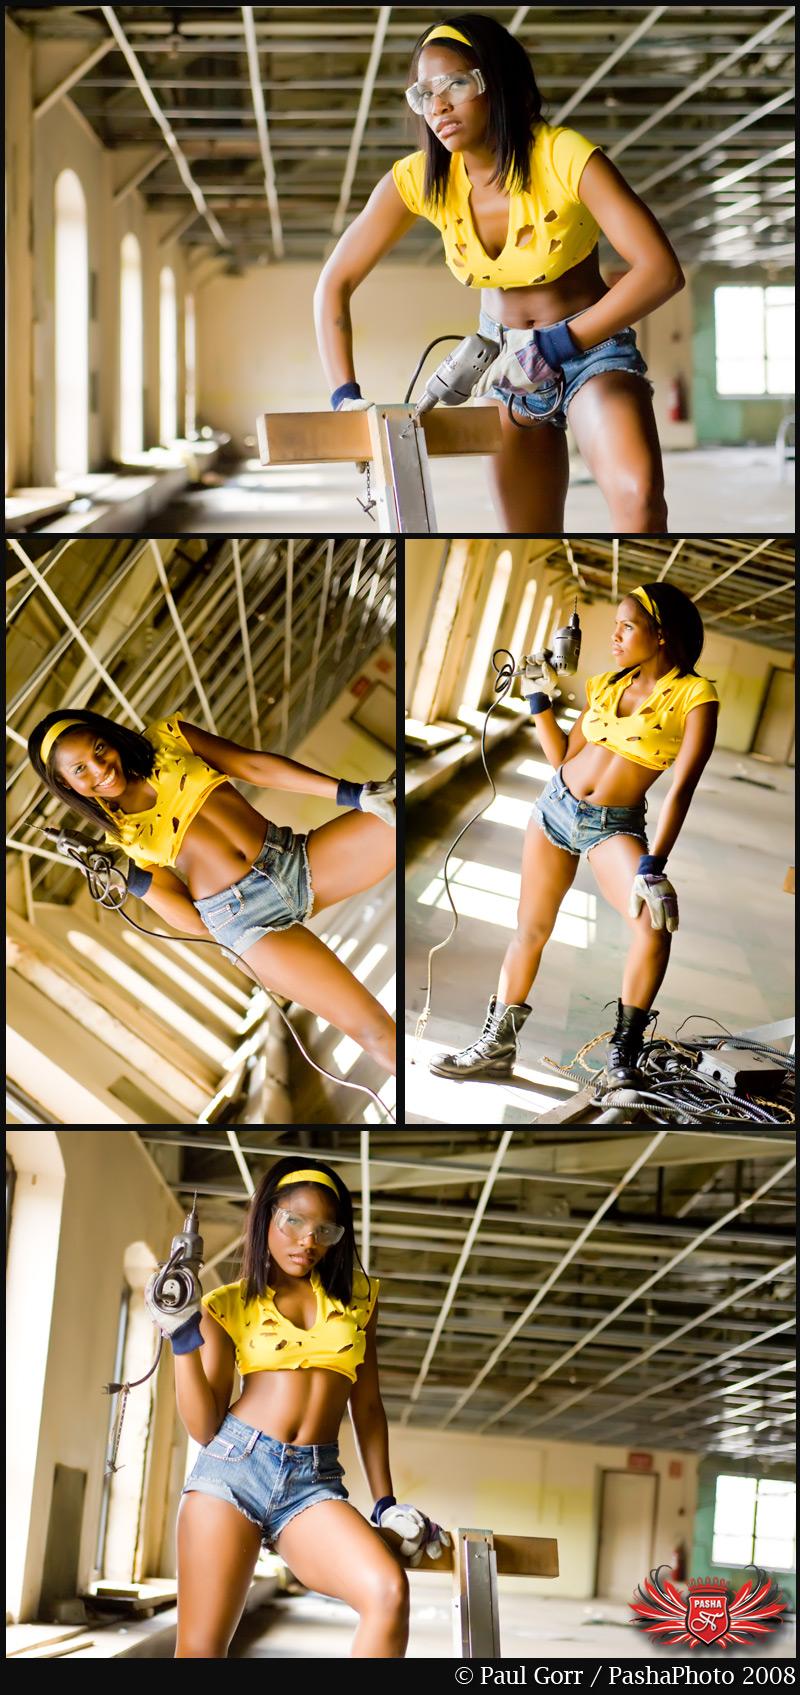 Studio 212 - Metuchen, NJ May 08, 2008 Paul Gorr - PashaPhoto 2008 Shinelle - Construction Set (Re-do)